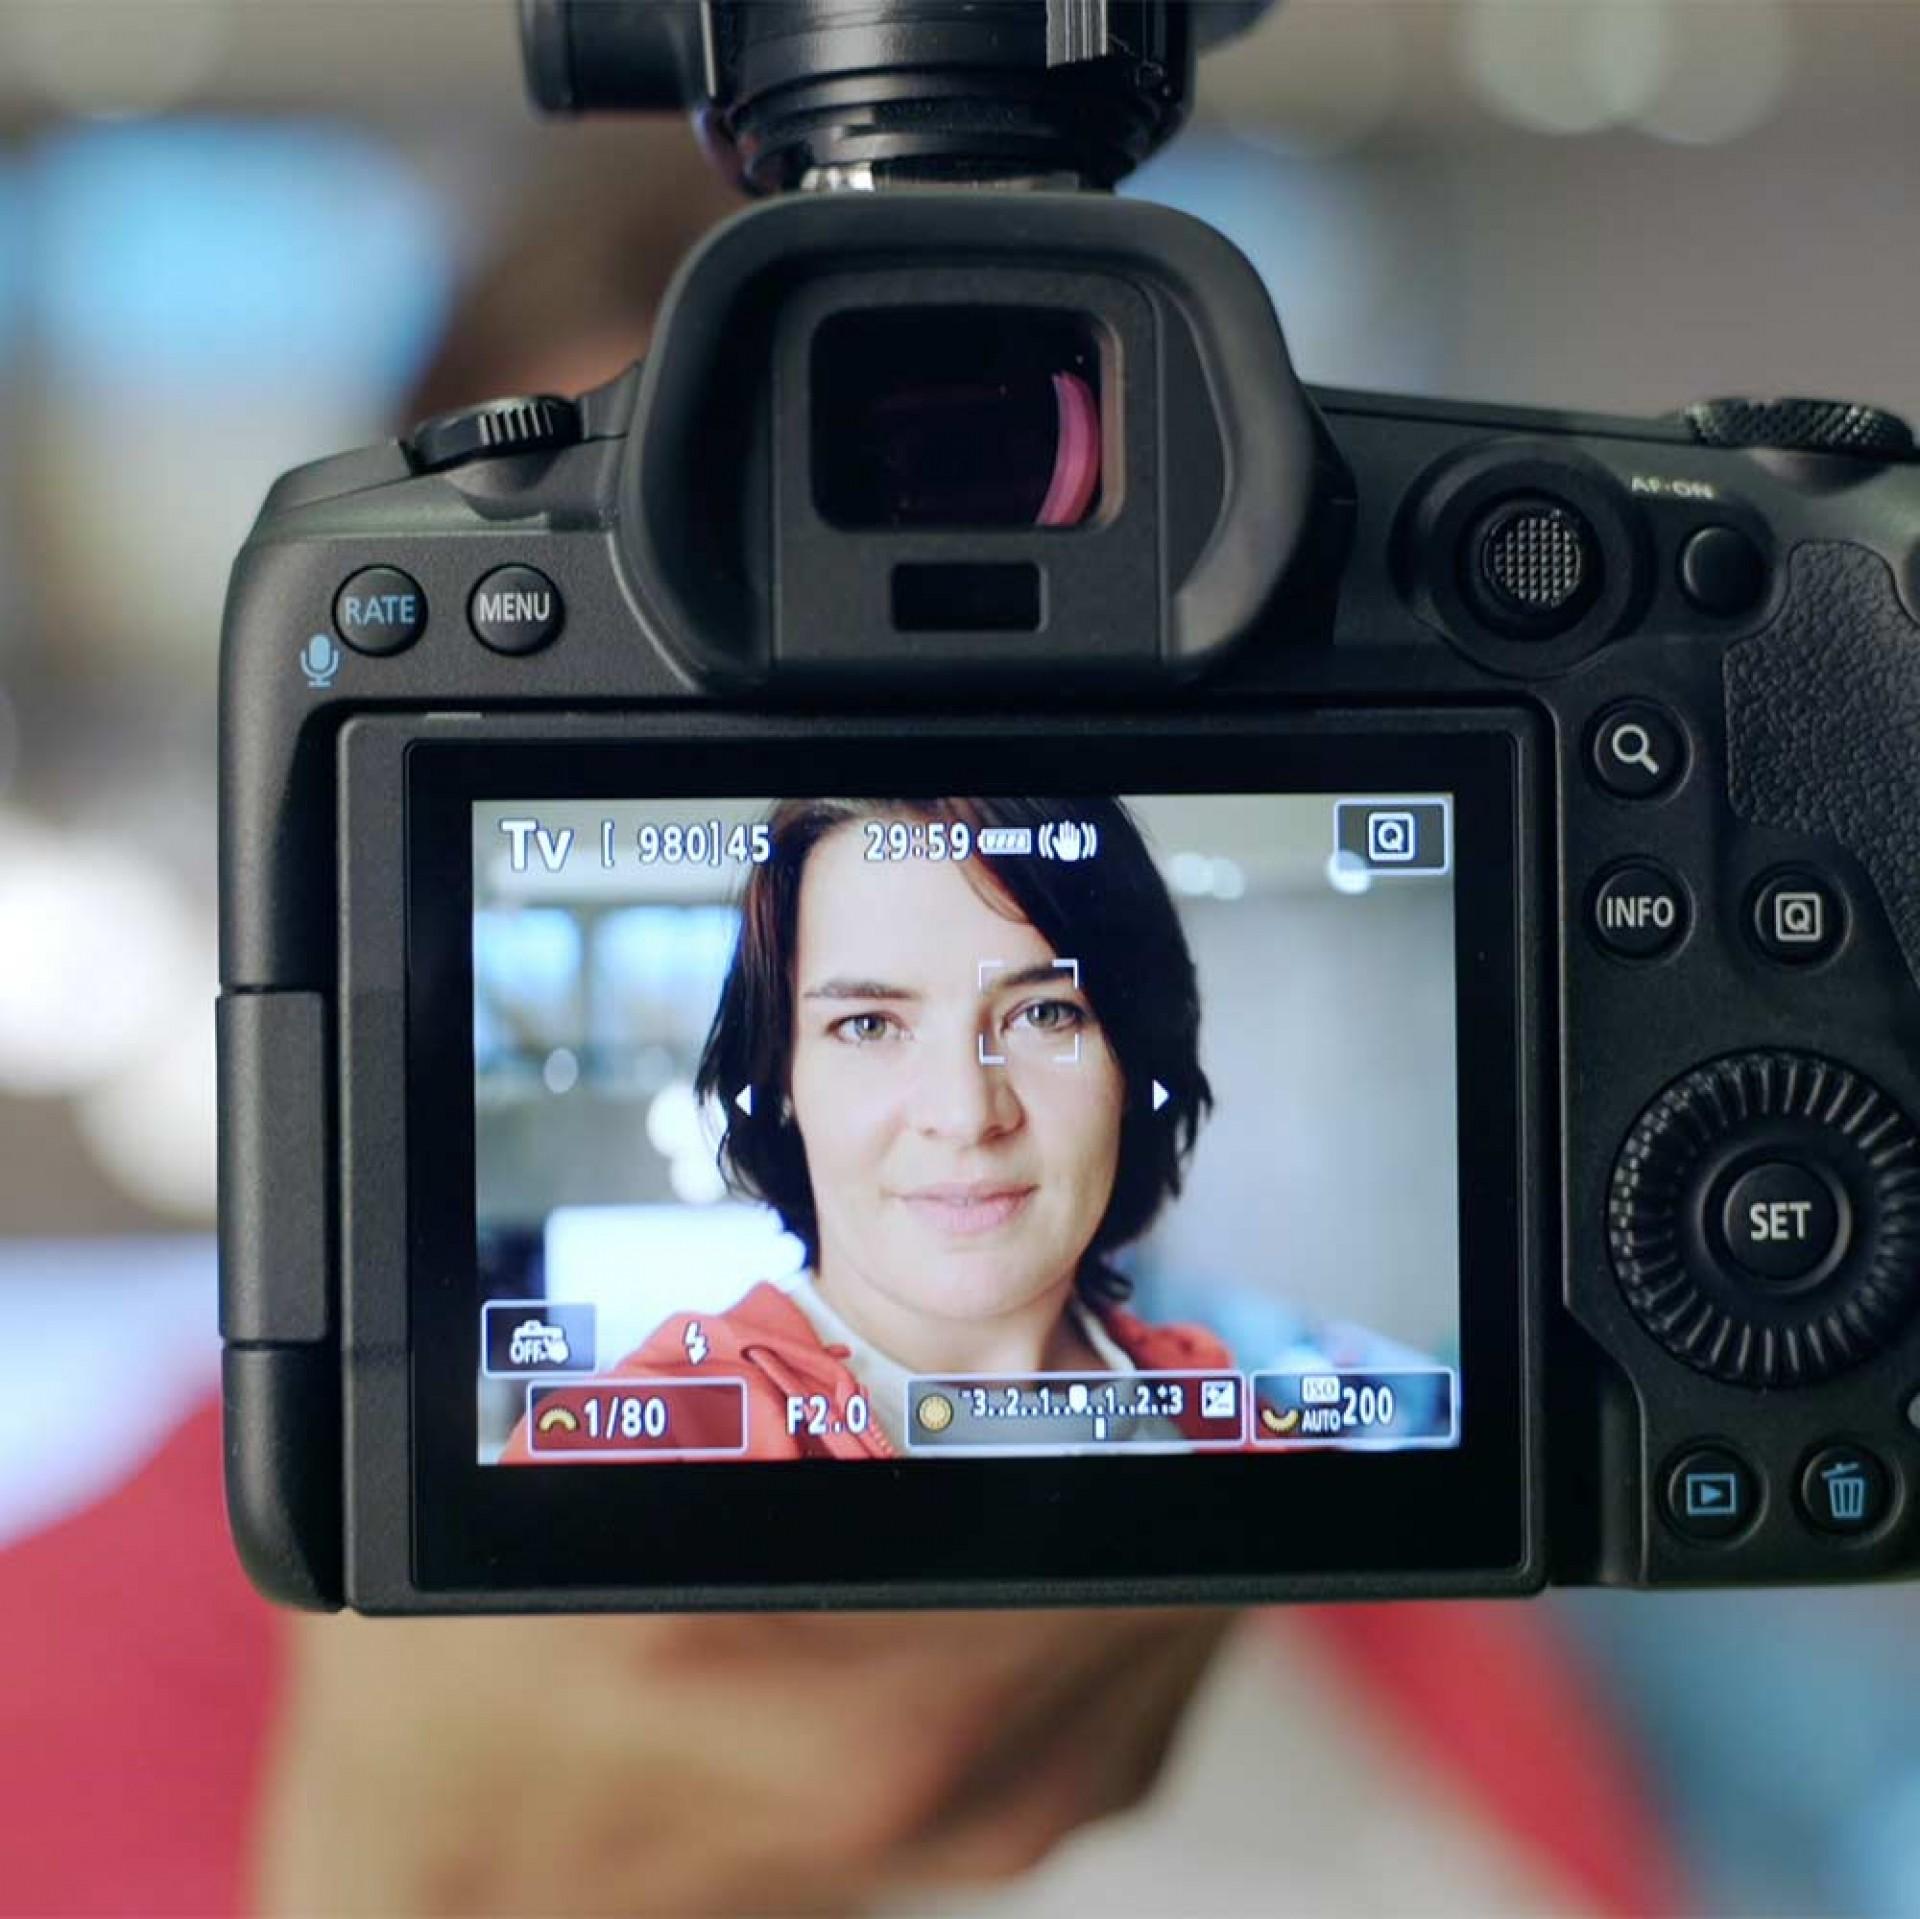 ISO-Automatik und Gesichtserkennung beim Blitzen, Petra Selbertinger